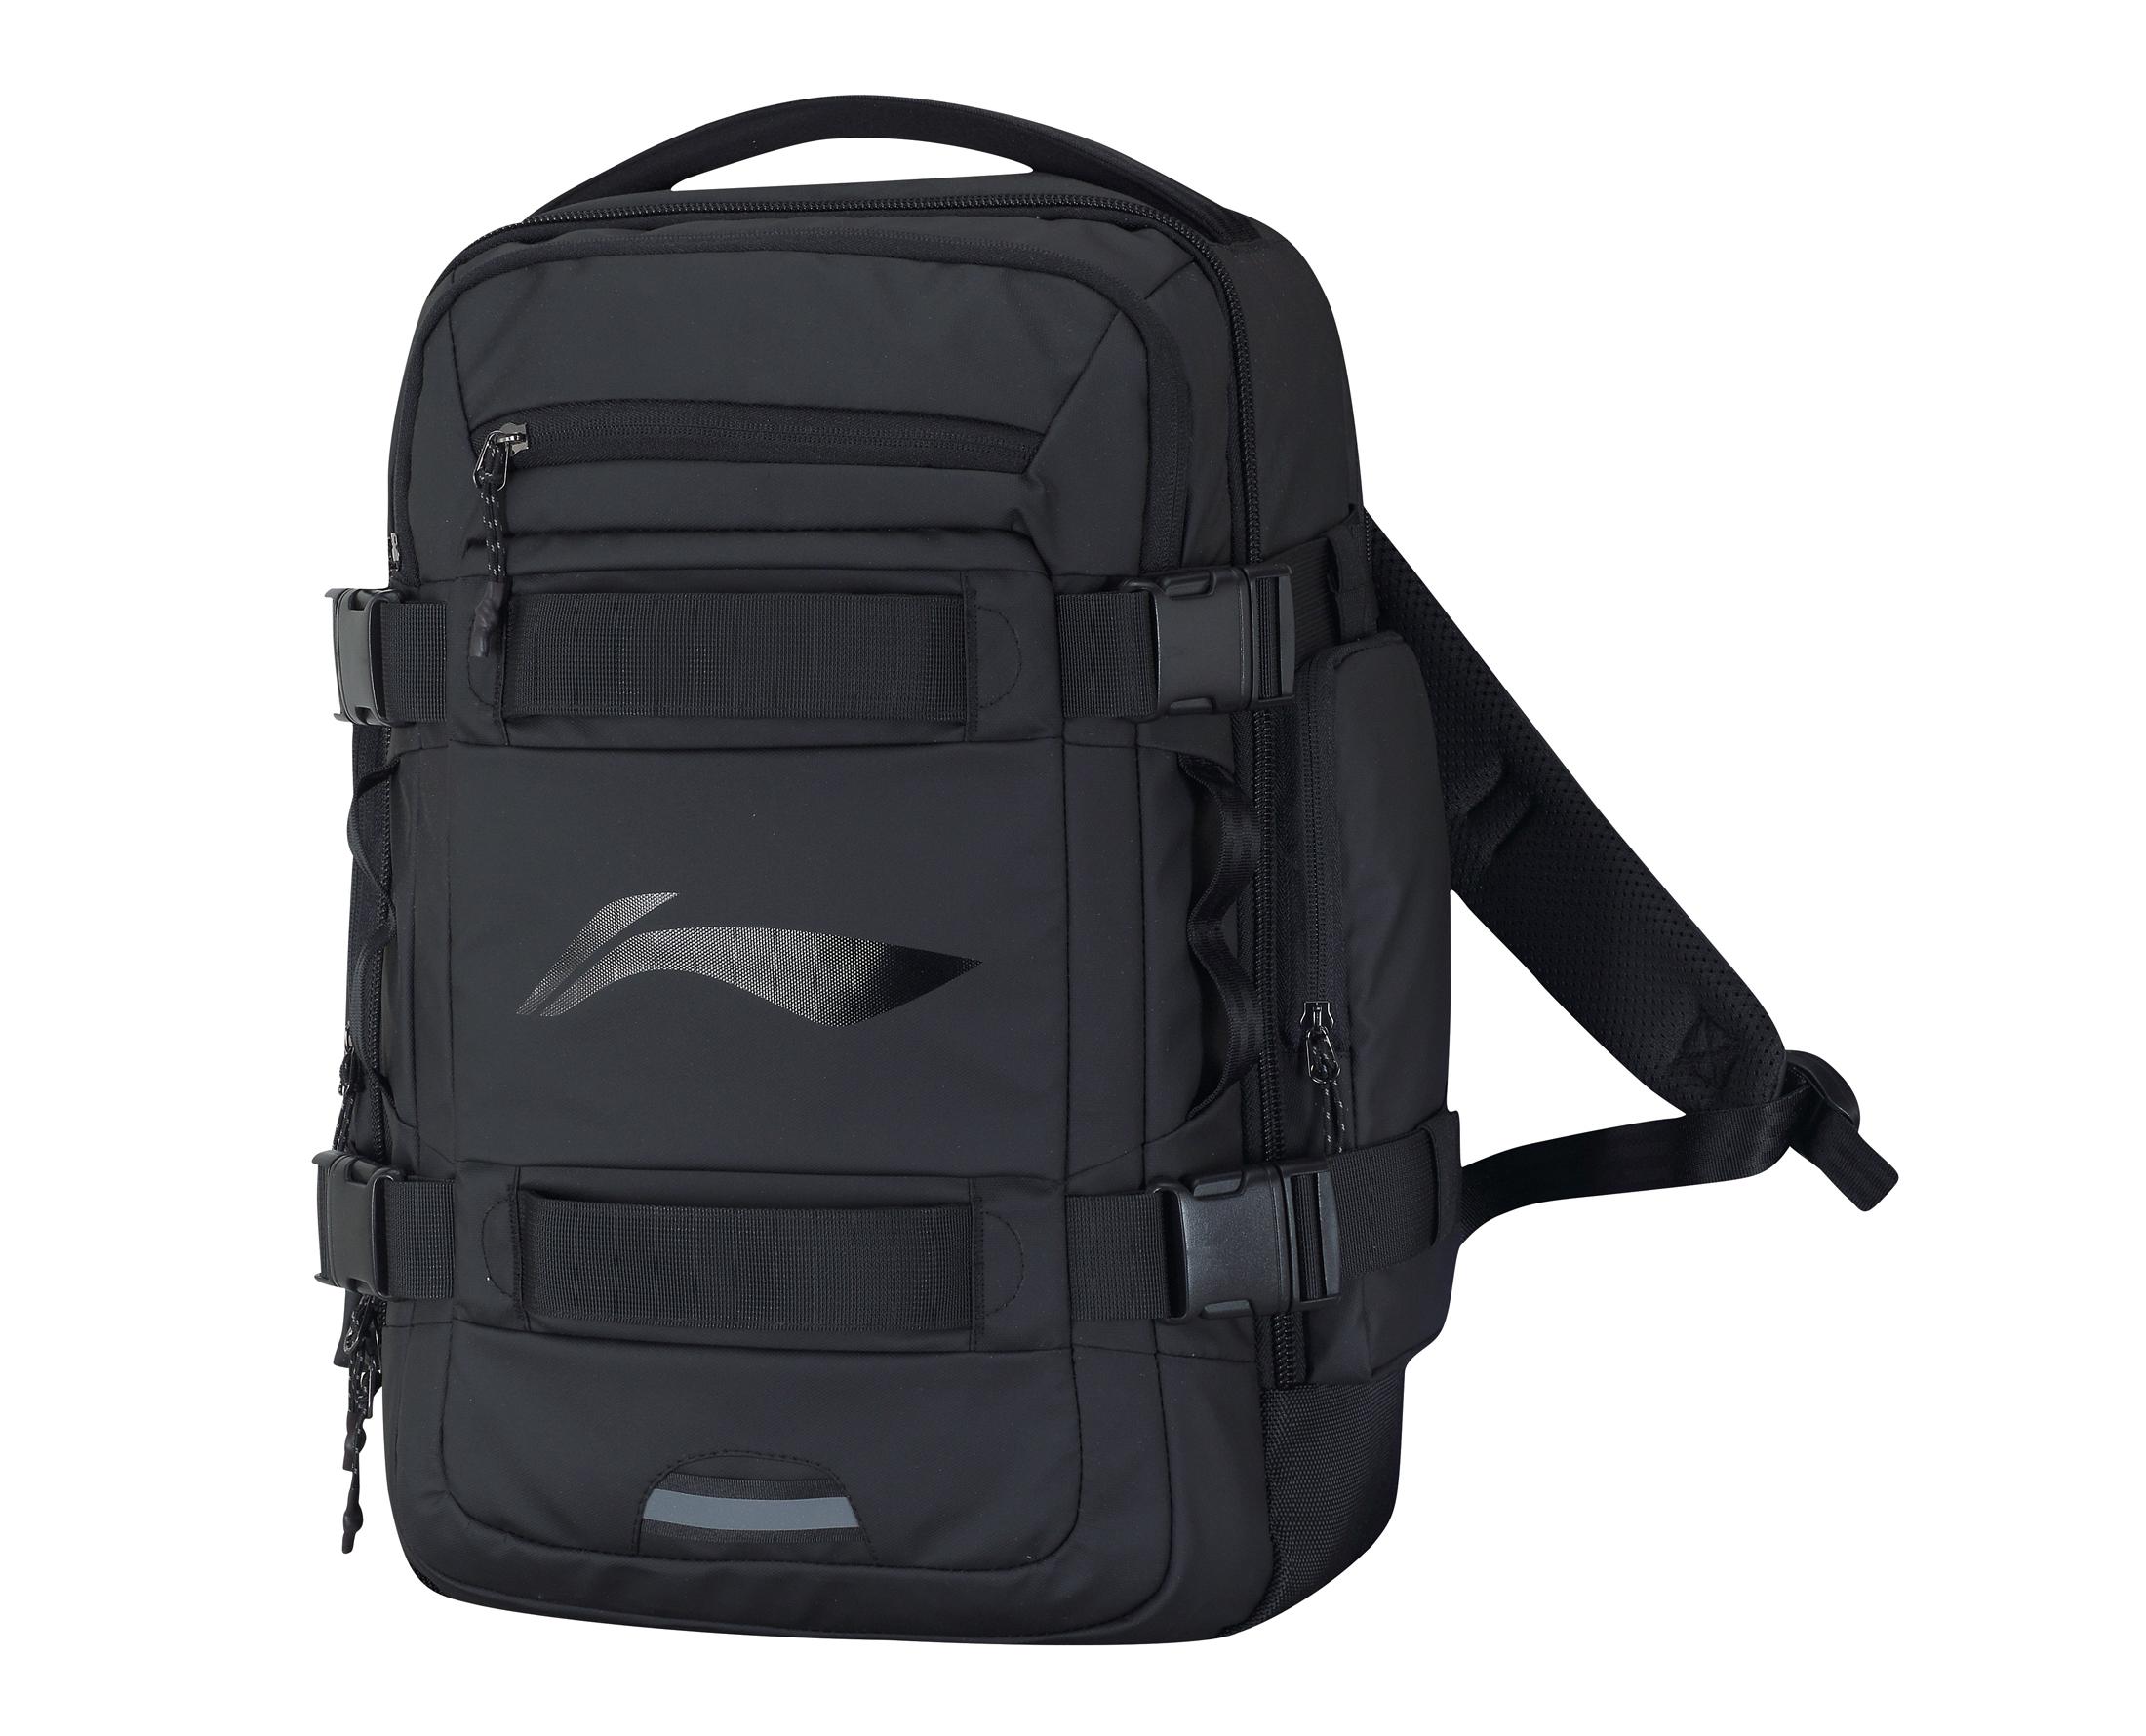 Li Ning 174 Badminton Backpacks Absp268 1 Backpack